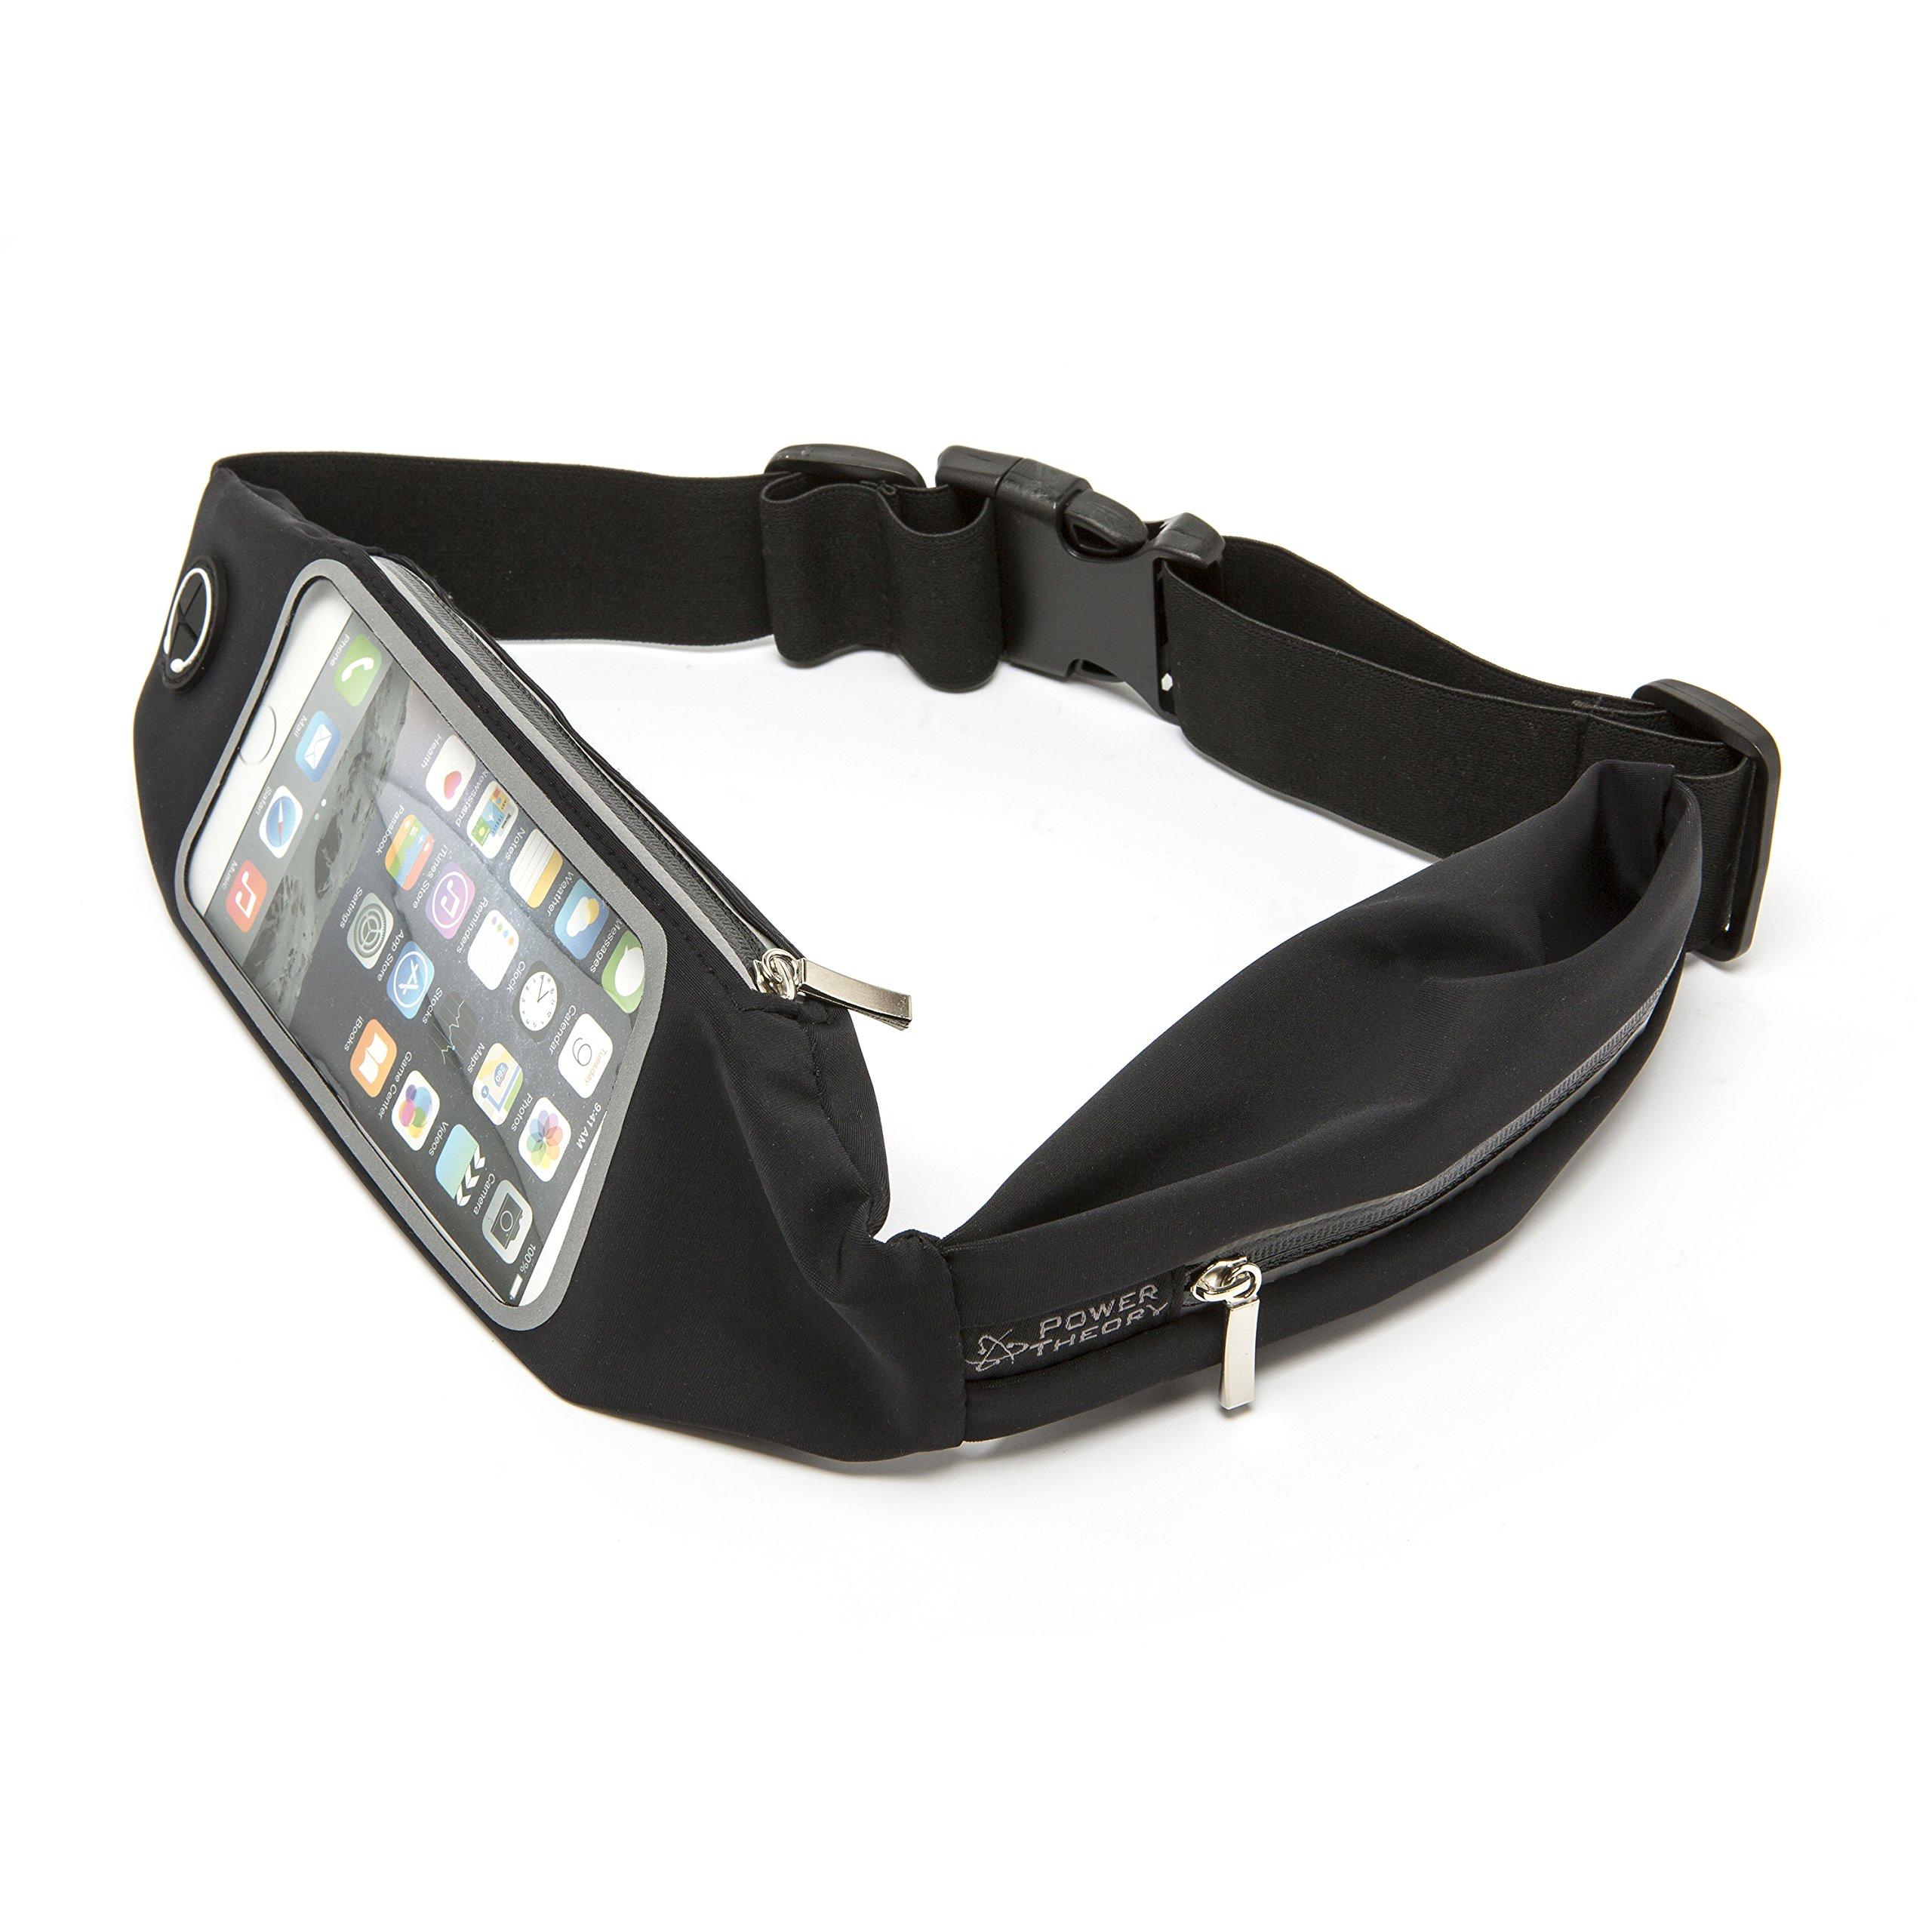 Sporttaschen & Rucksäcke Hüfttasche Schutzetui Motorola One Handyhülle Sport Bauchtasche Joggen Öffnung N